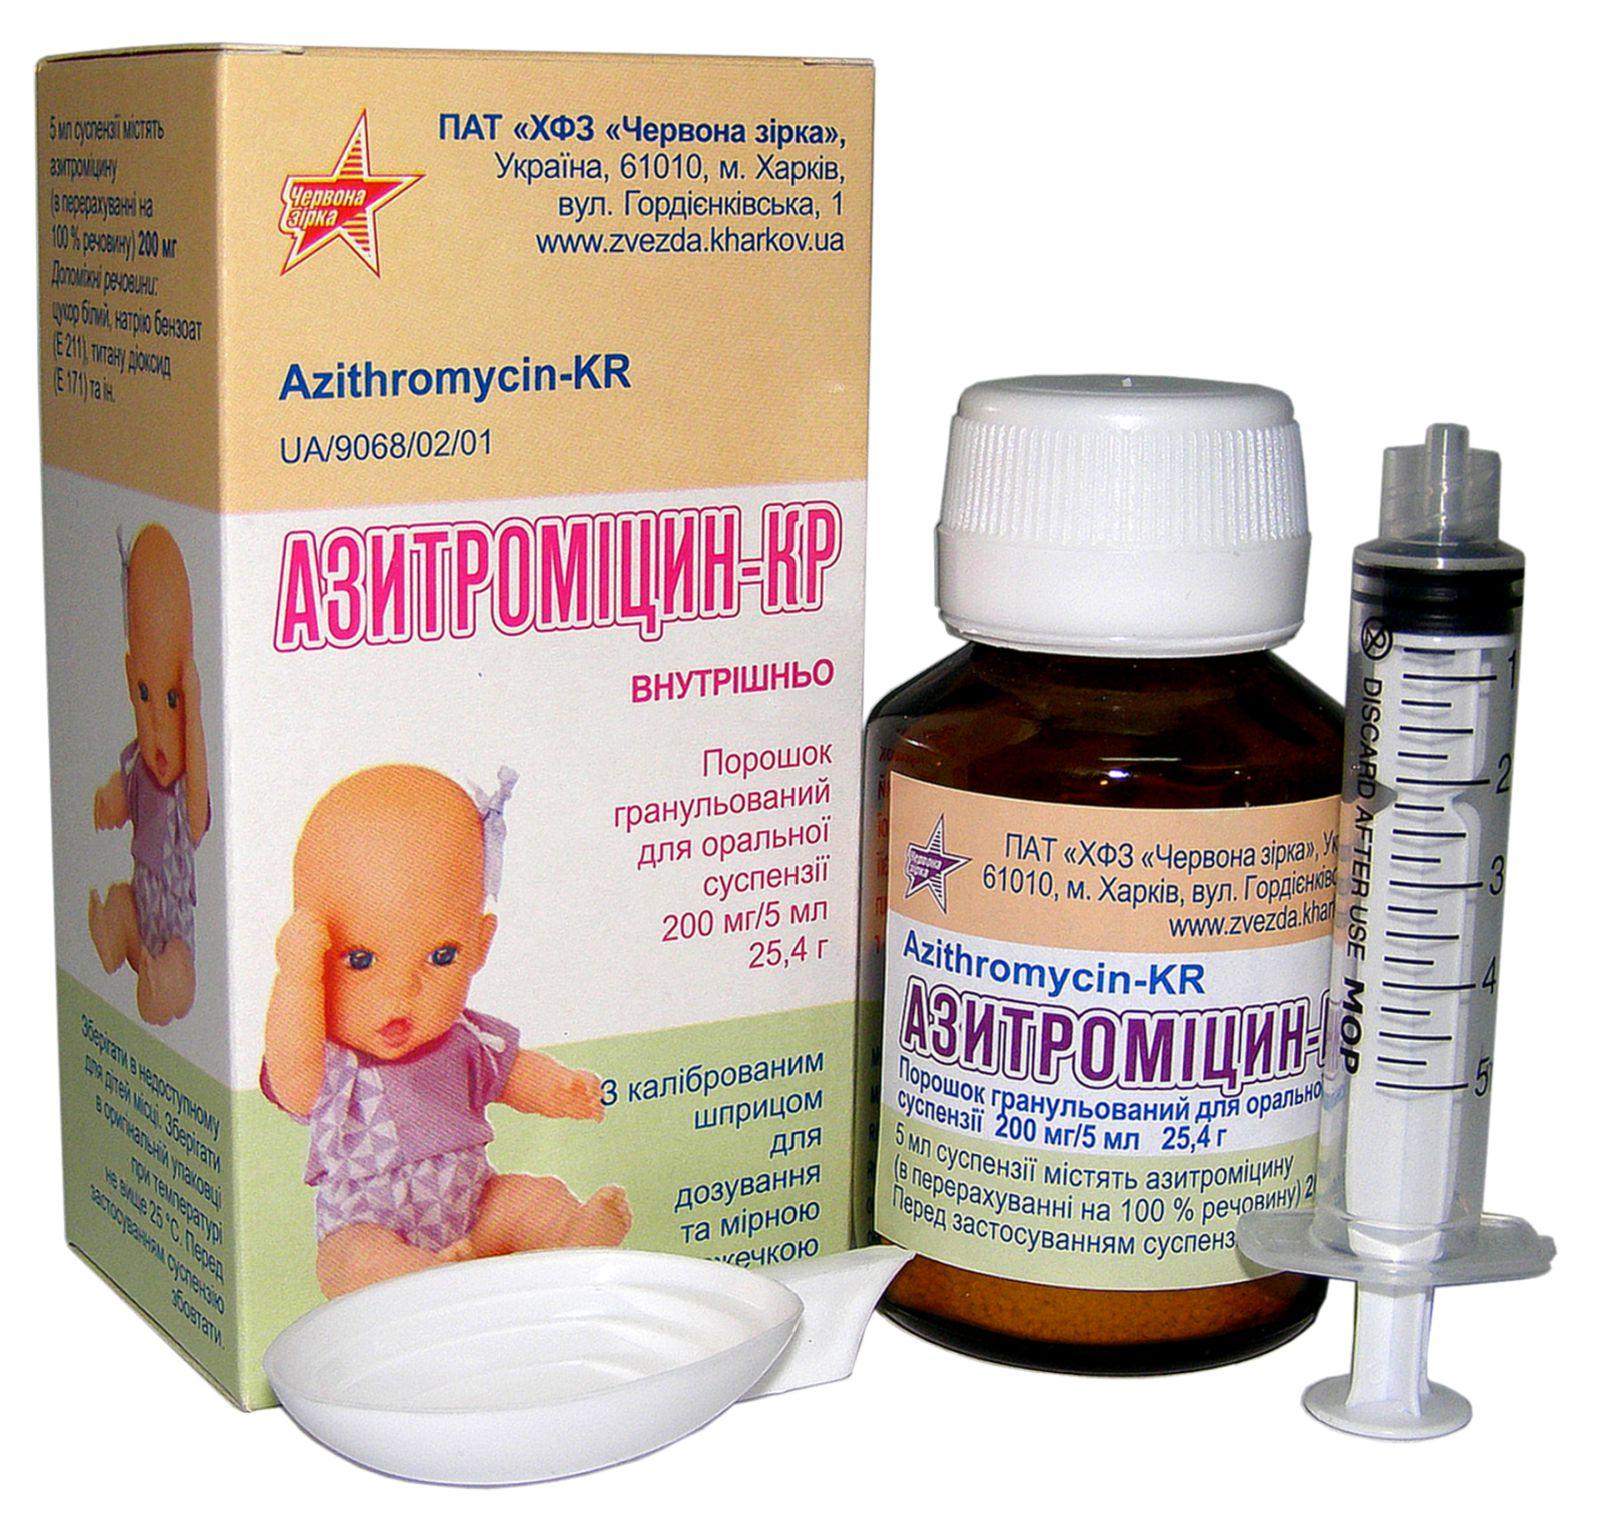 Азитромицин: инструкция по применению 500, 250 для детей и взрослых.